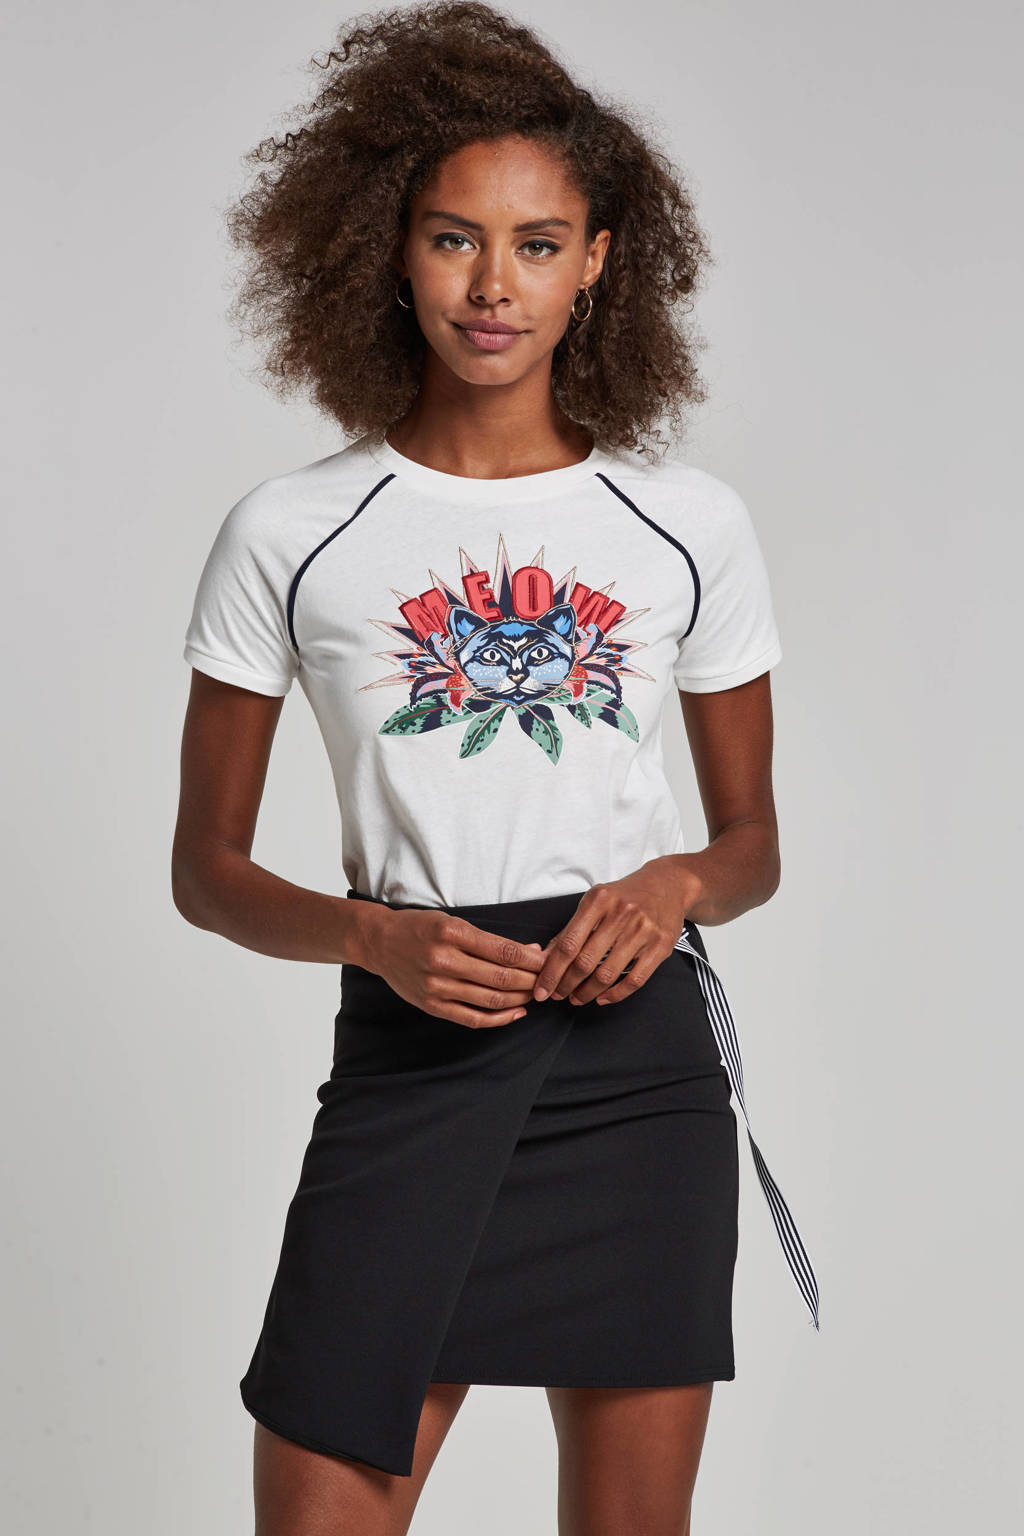 Tom Tailor T-shirt met print, Wit/blauw/rood/groen